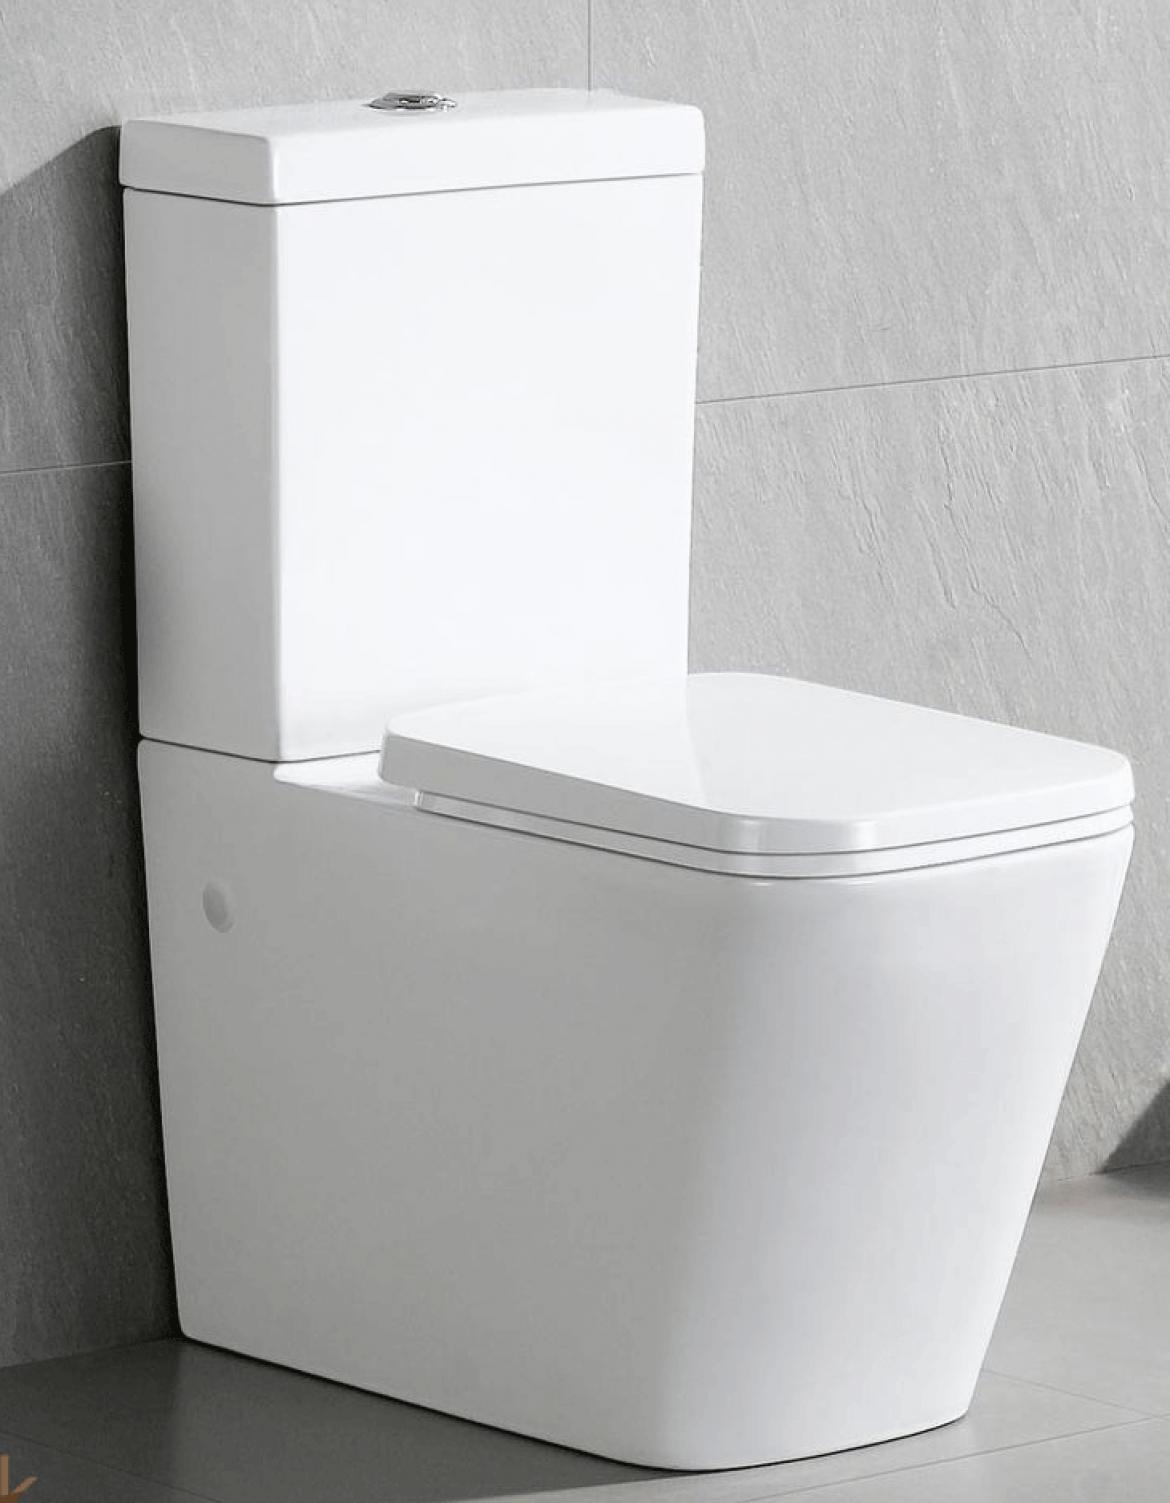 Bathroom Ceramic Square Toilet suite [003]